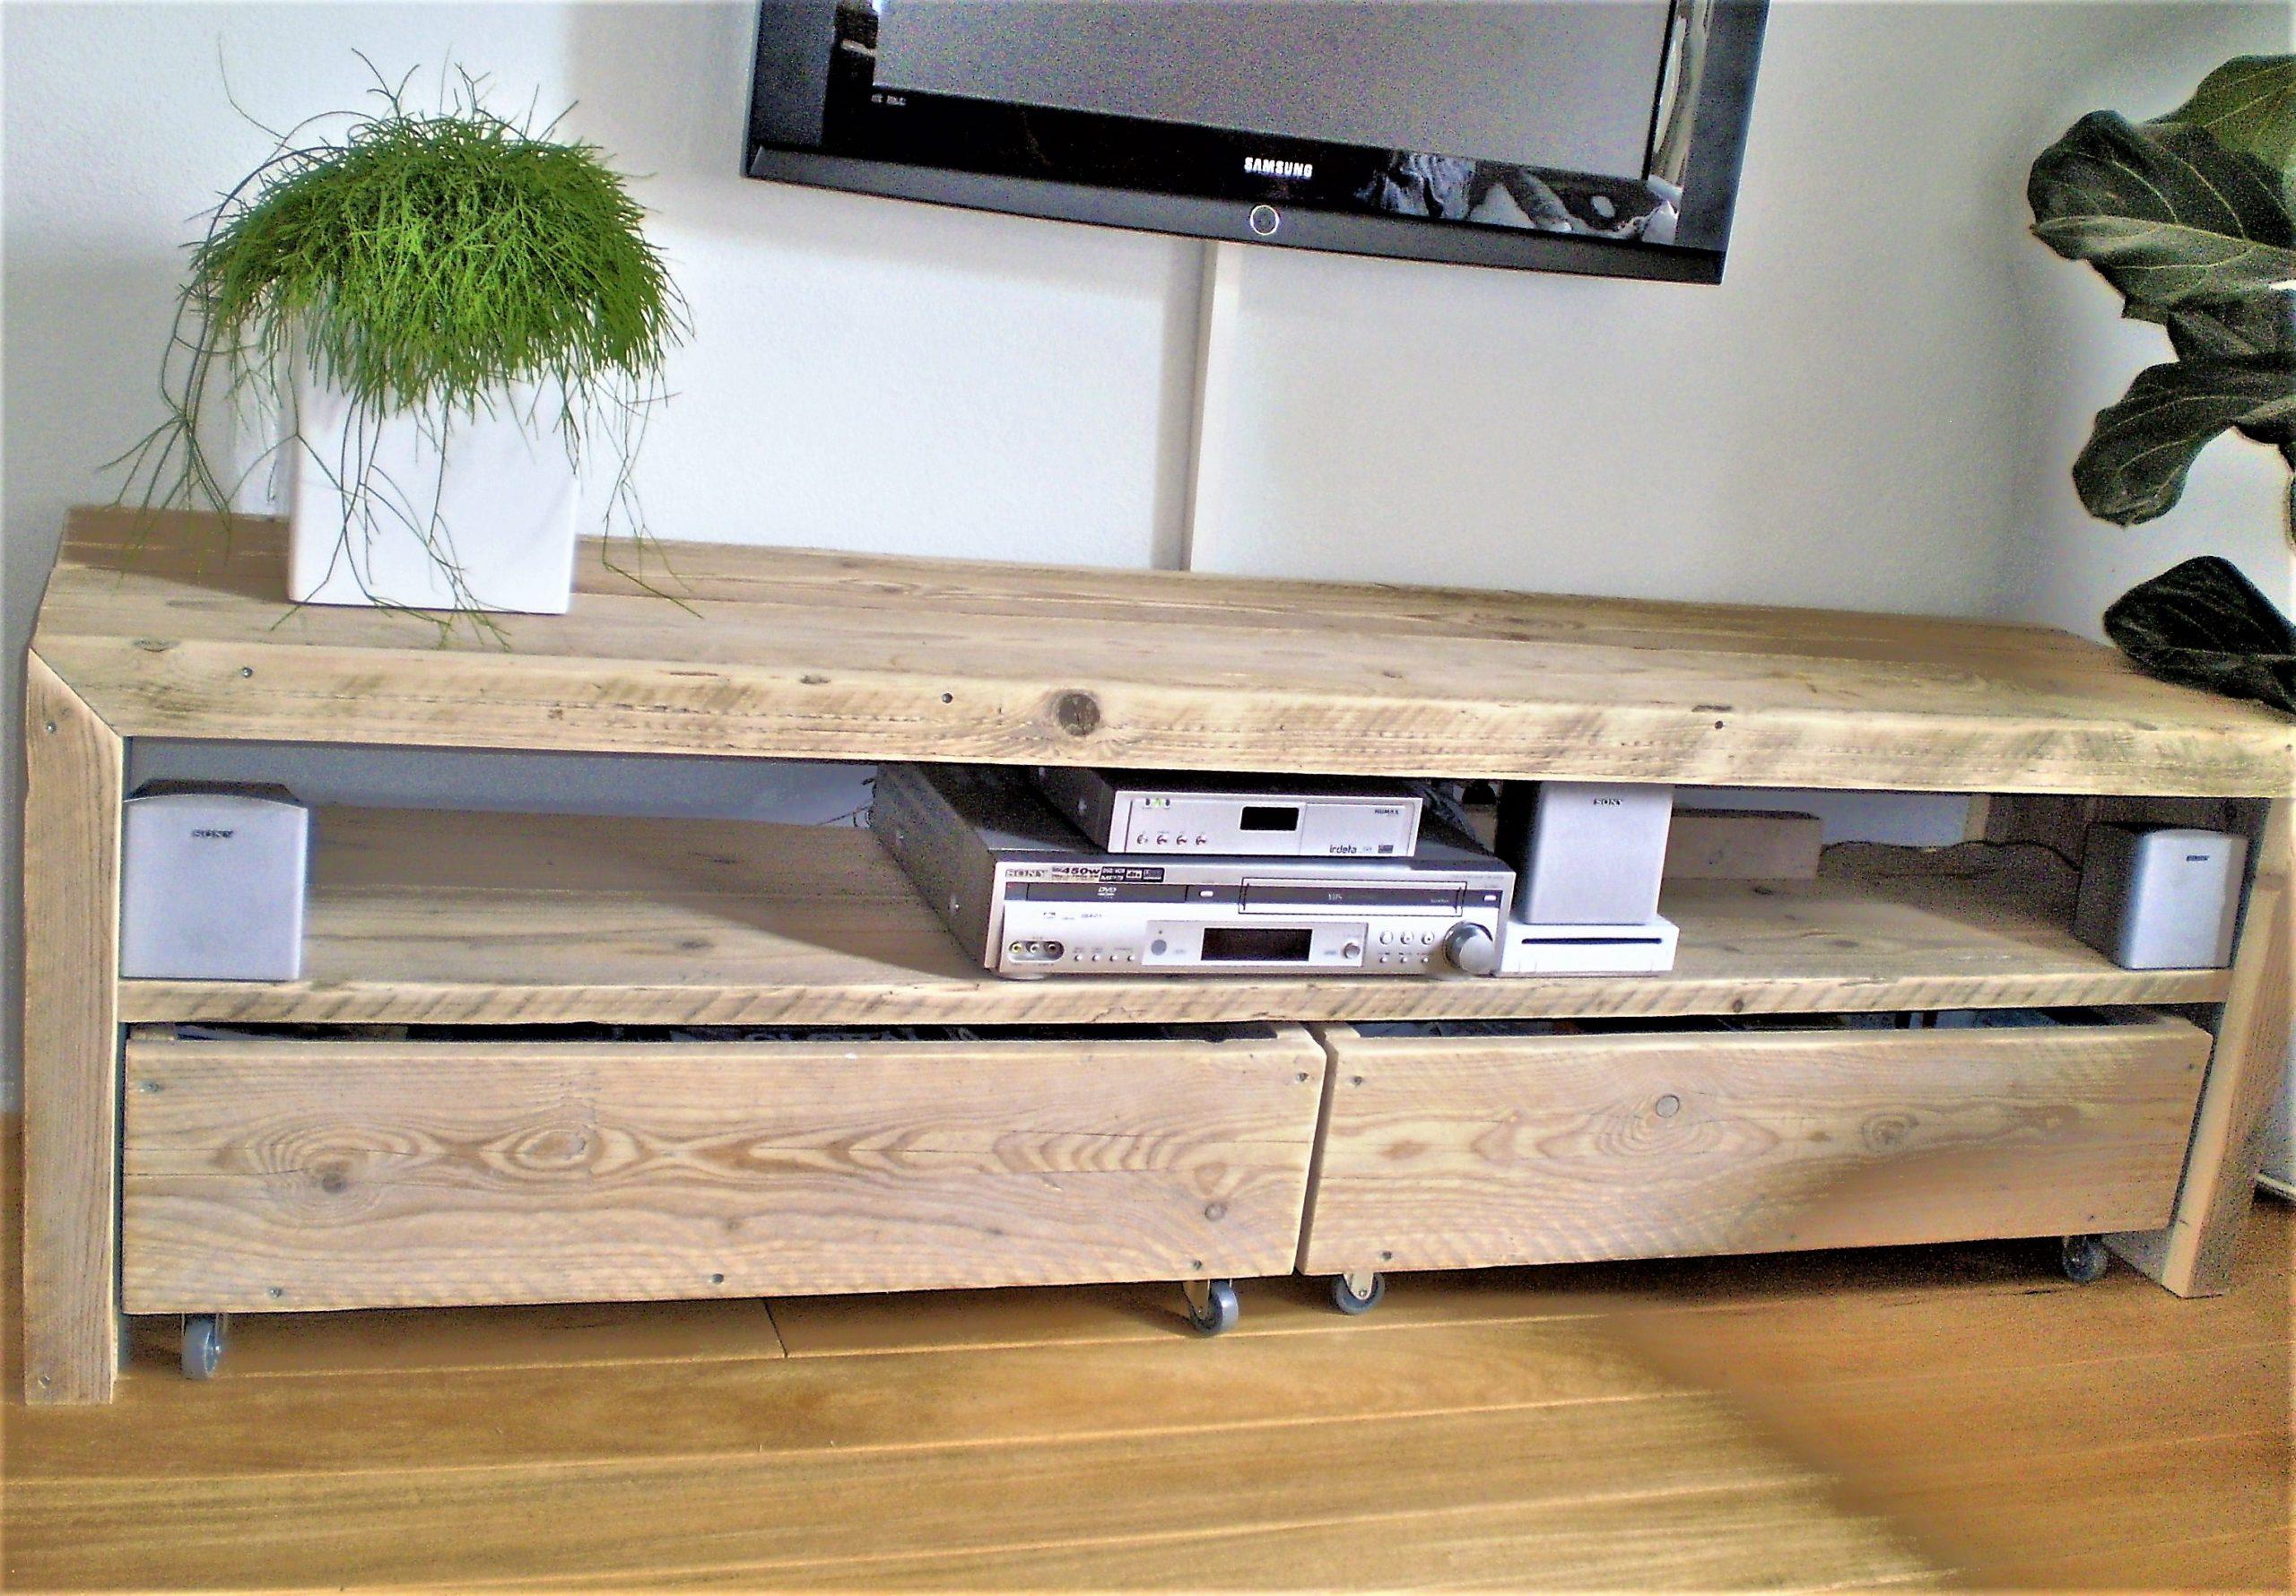 Tv Kast Handgemaakt.Robuust Handgemaakt Steigerhouten Tv Meubel Met 2 Lades En 1 Groot